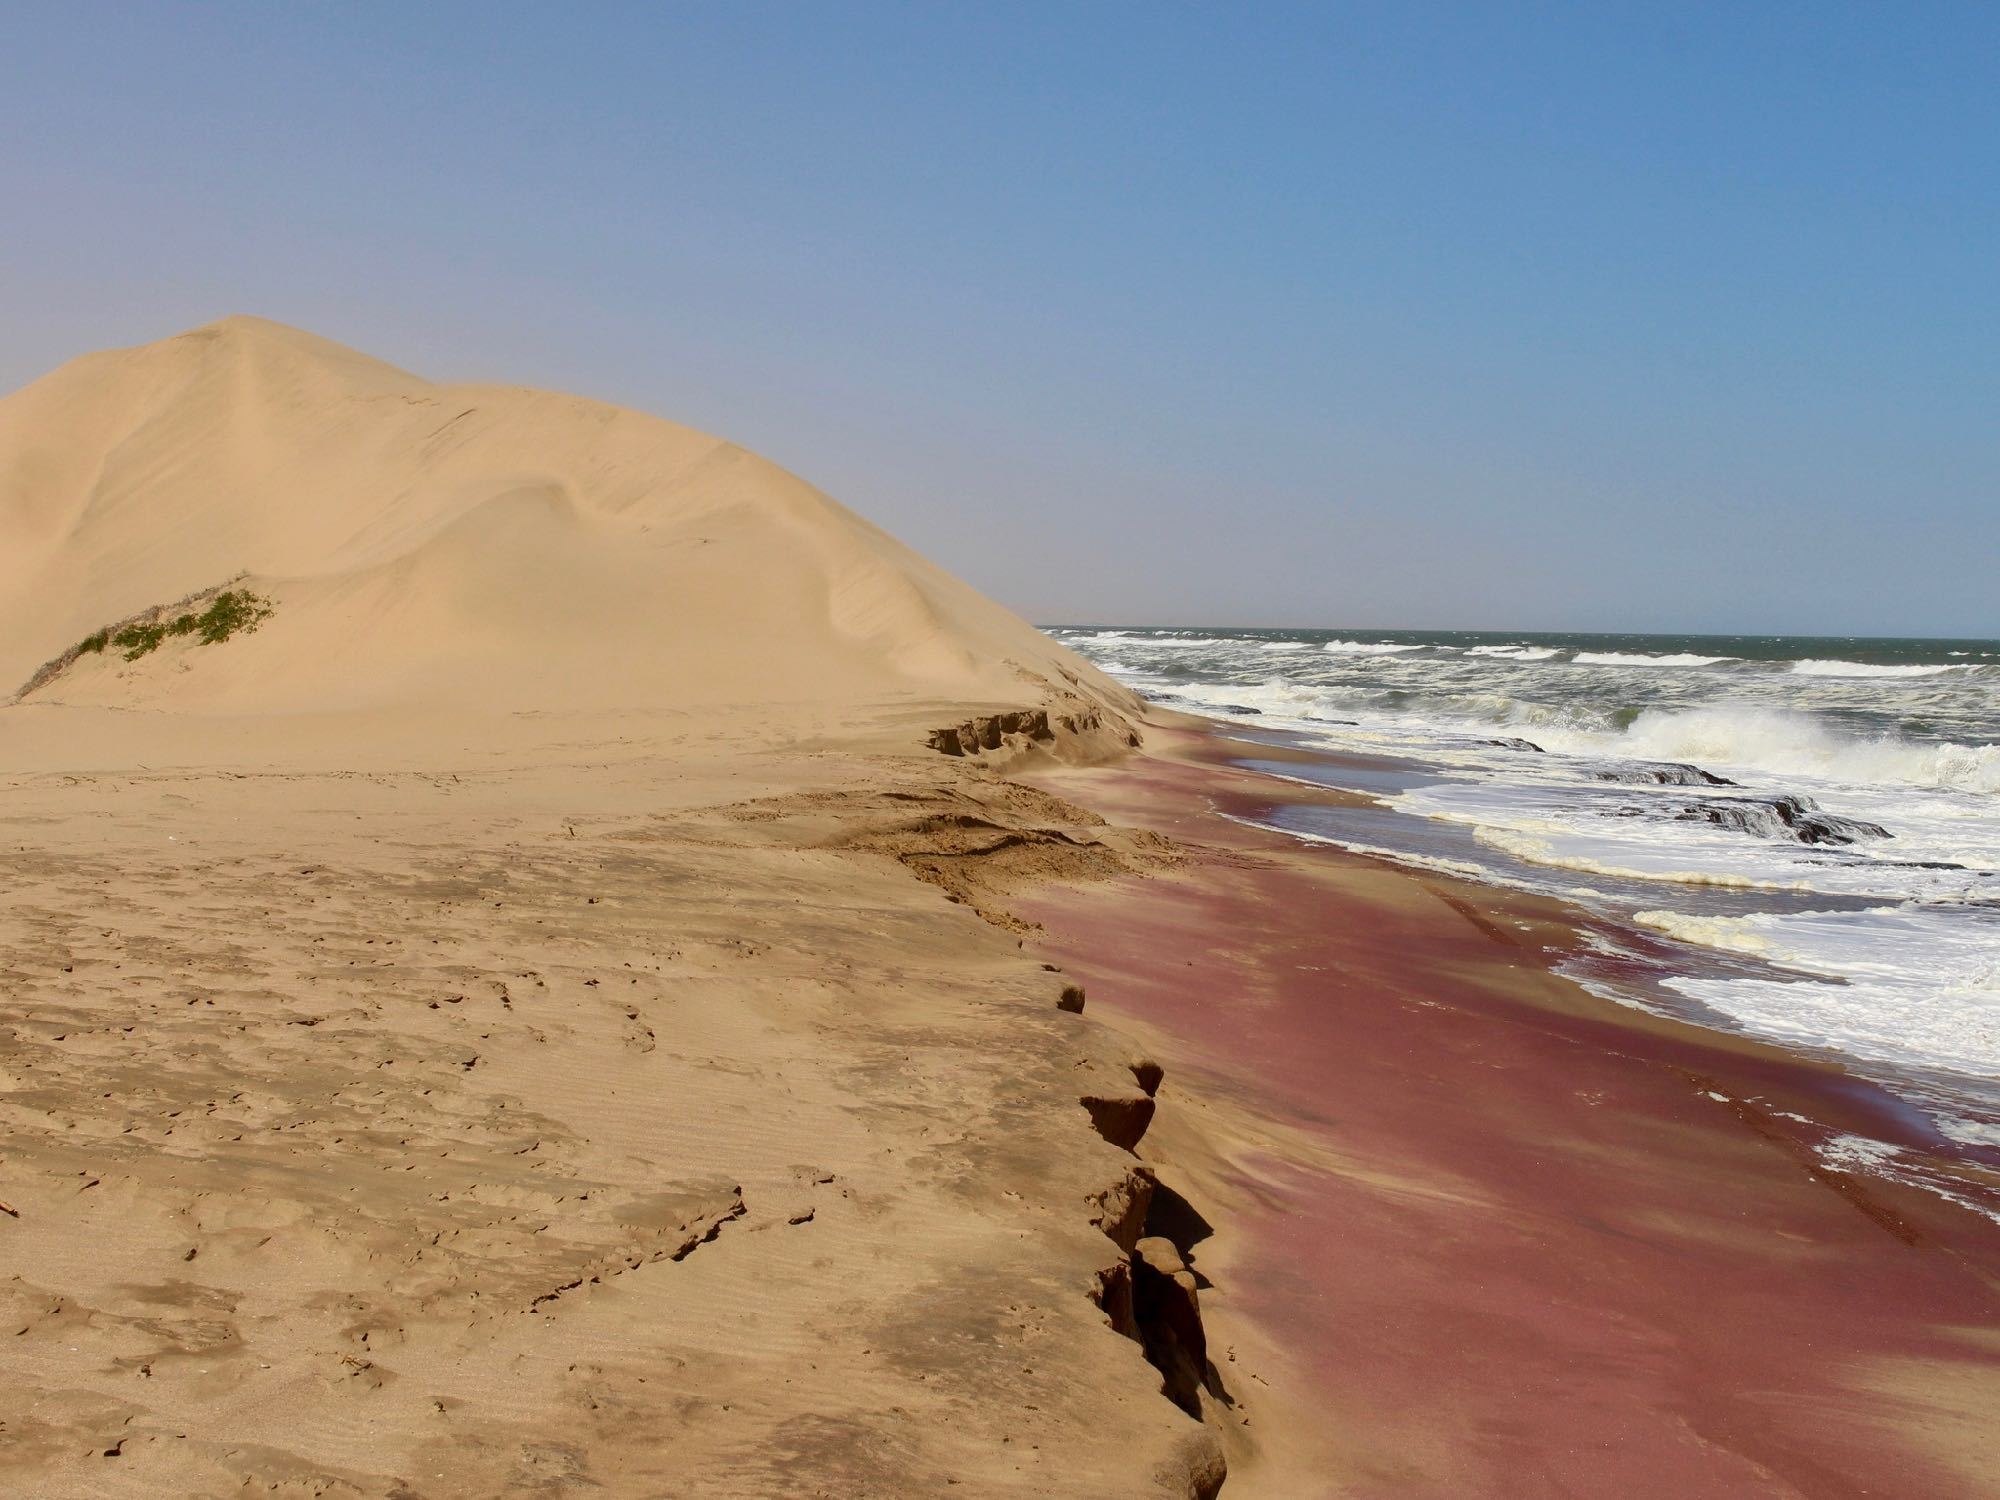 Le désert du Namib se jette dans la mer à Sandwich Harbour